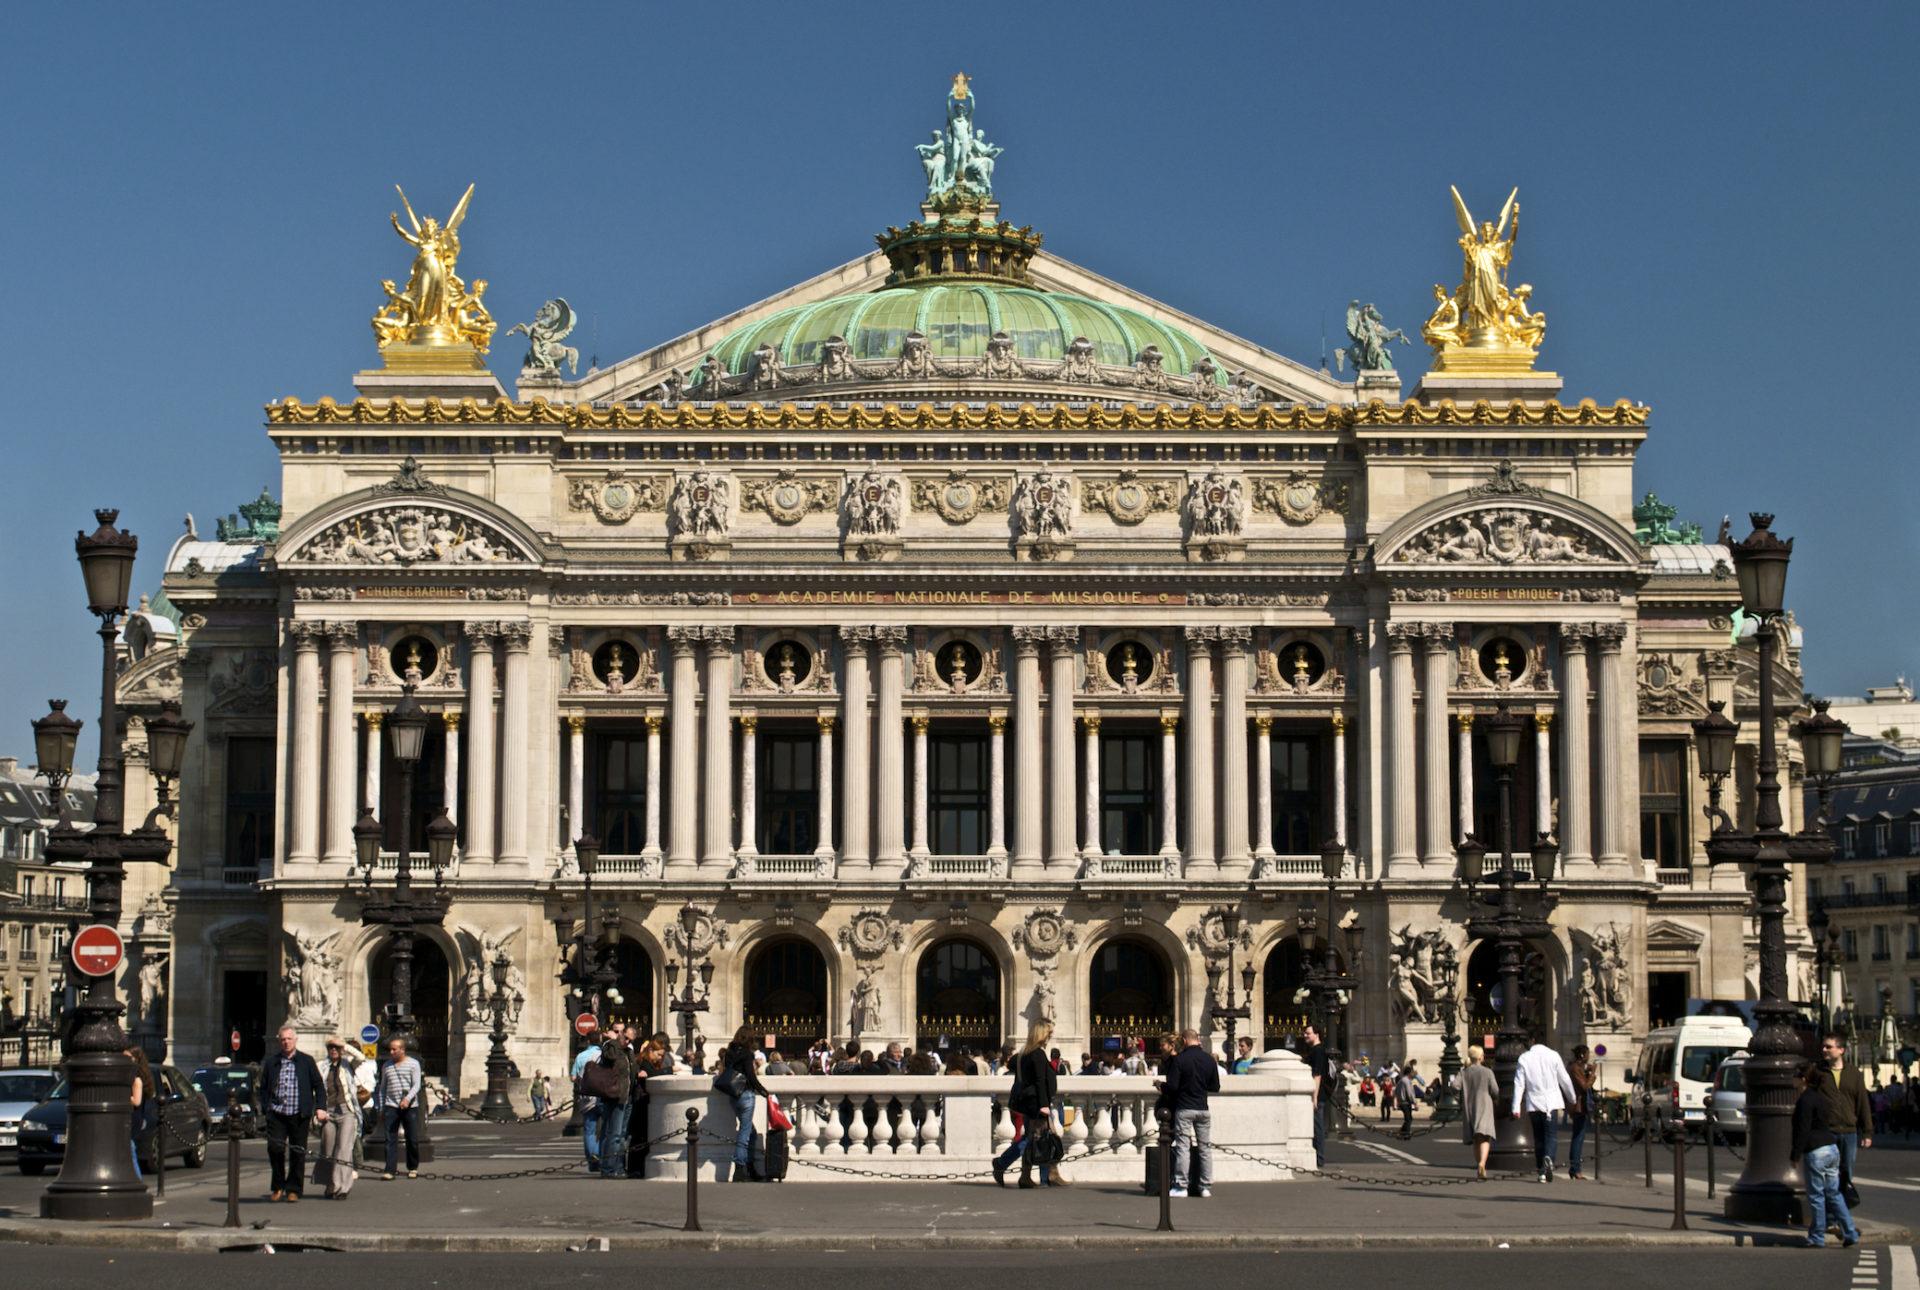 11. Опера Гарнье в Париже. Известнейший театр оперы и балета в мире.